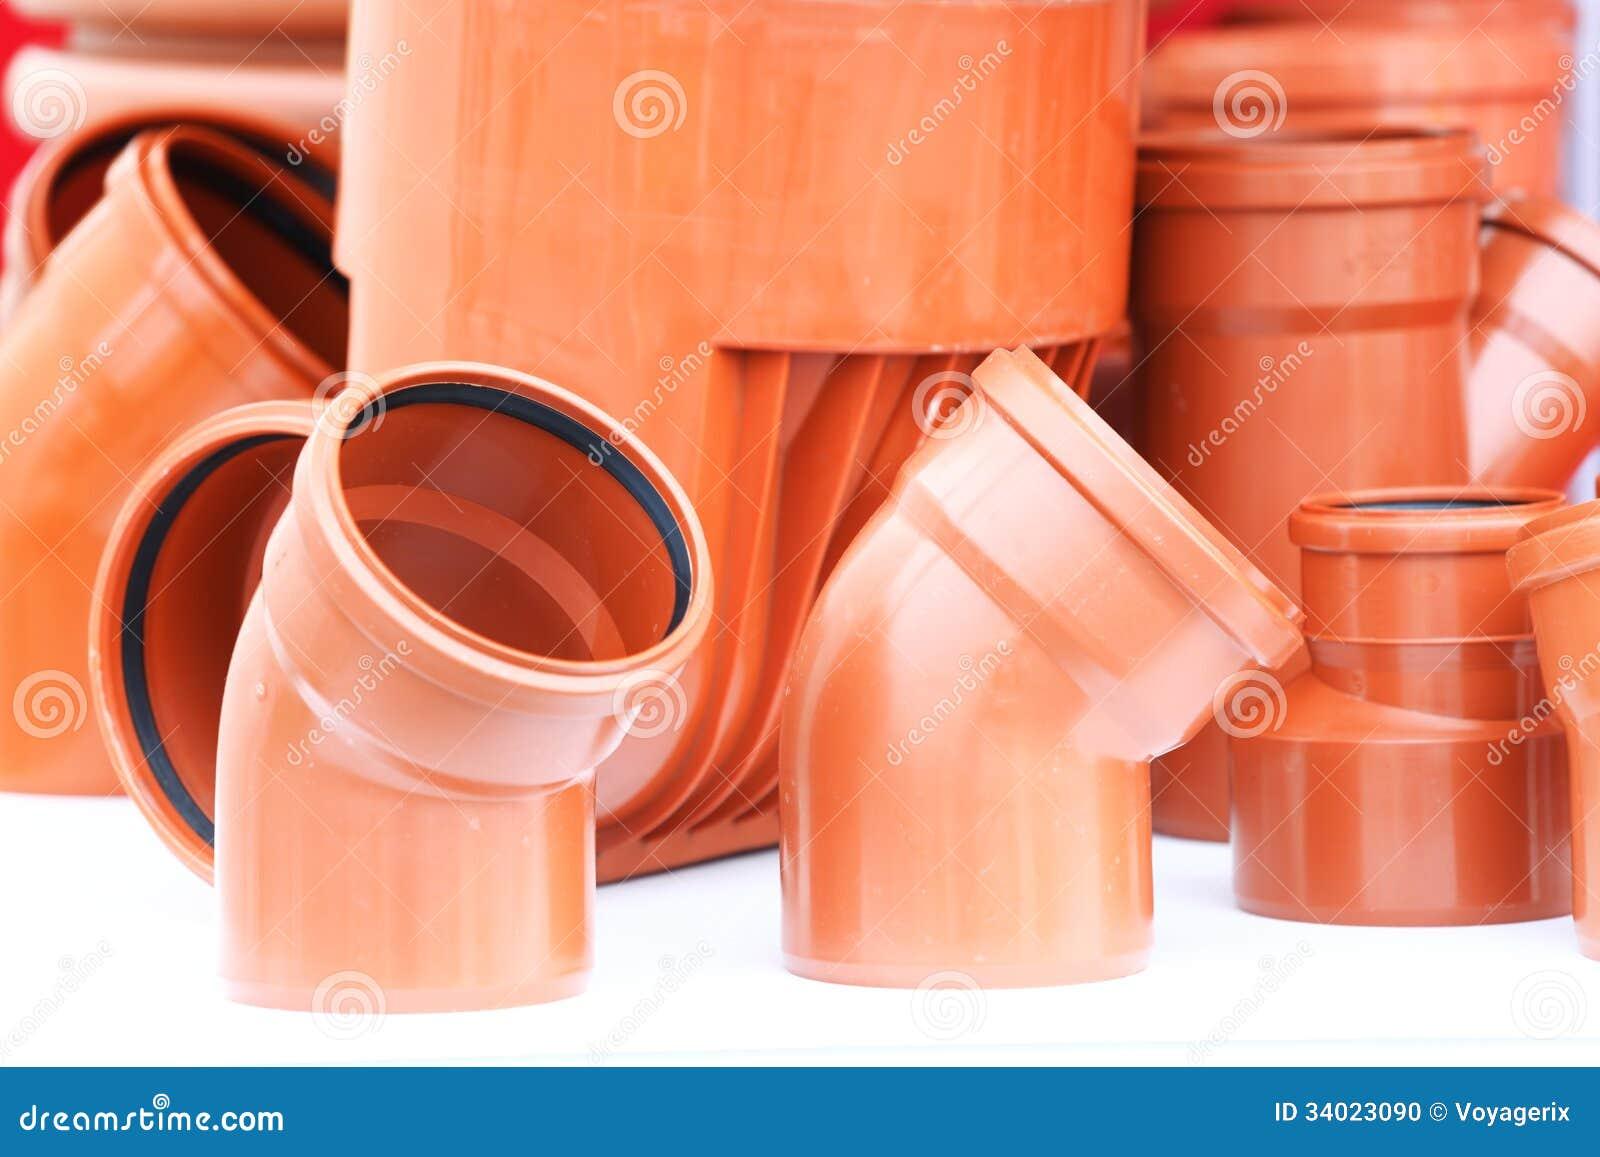 La naranja junta las piezas del pvc de los tubos de - Tubos pvc blanco ...